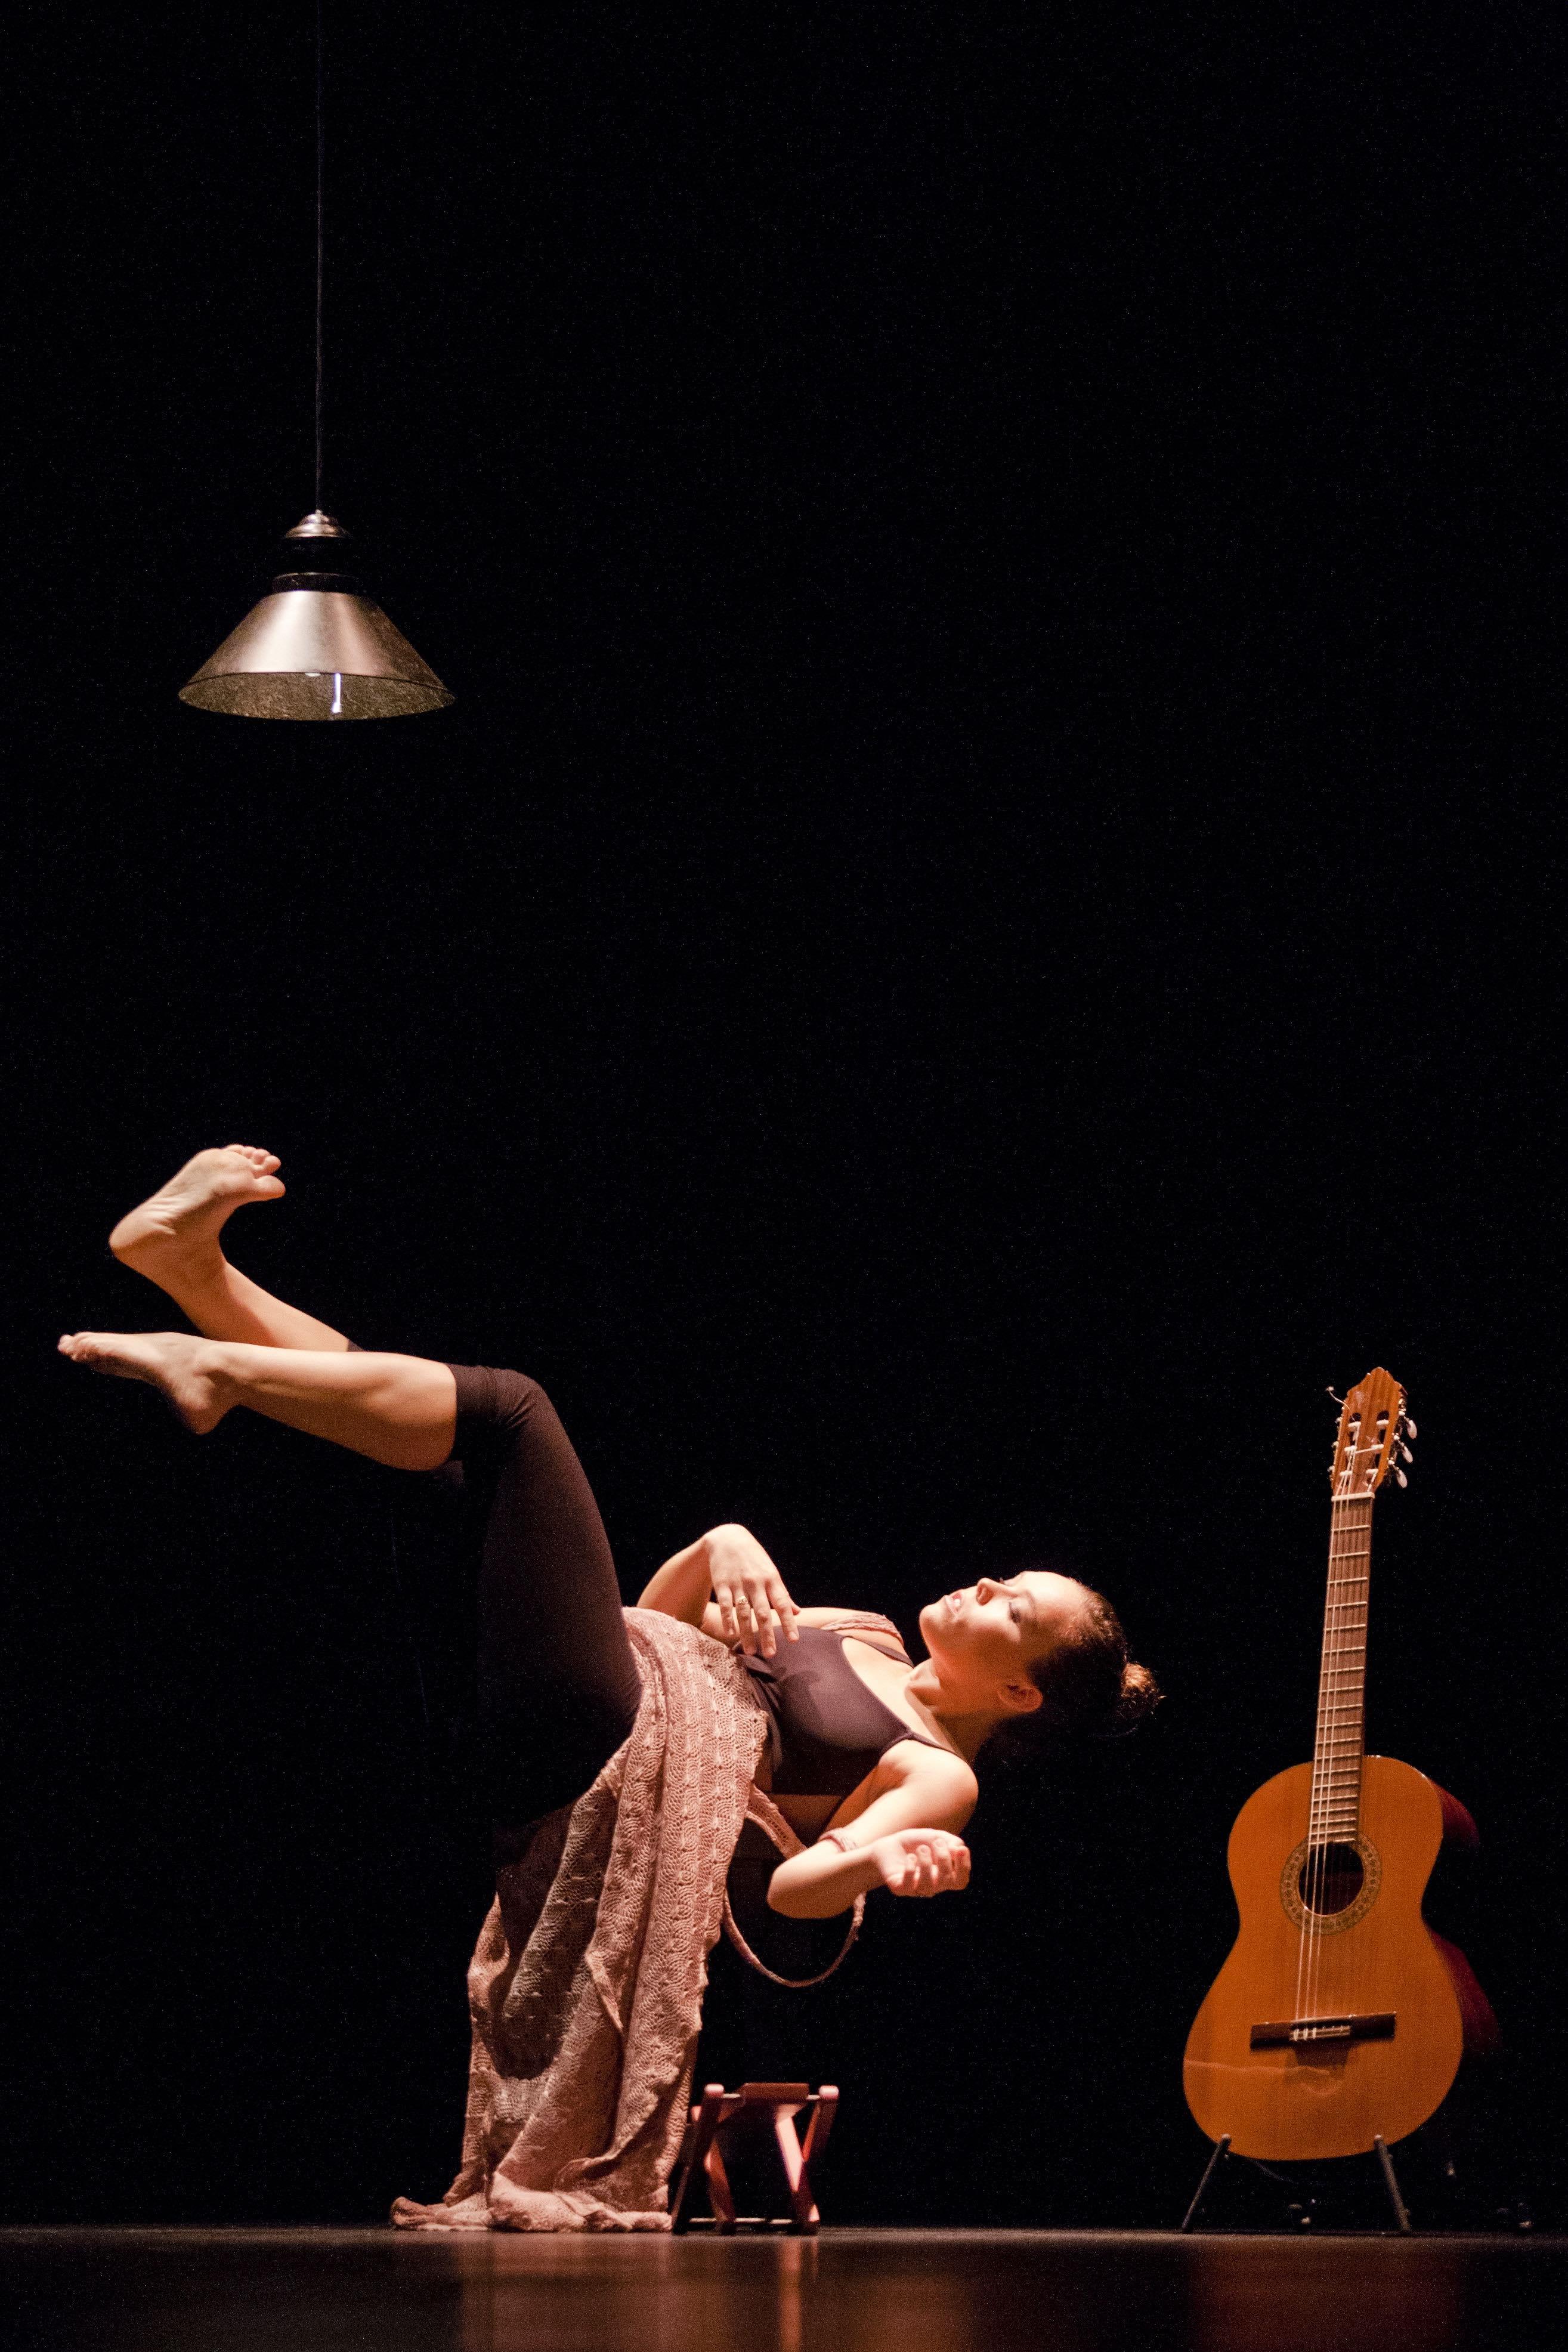 chaillot theatre national de la danse, troisieme biennale d`art flamenco, mayte martin, flamenco clasico, jose galvan, david coria, ana morales, rocio molina, rosario la tremendita, andres marin